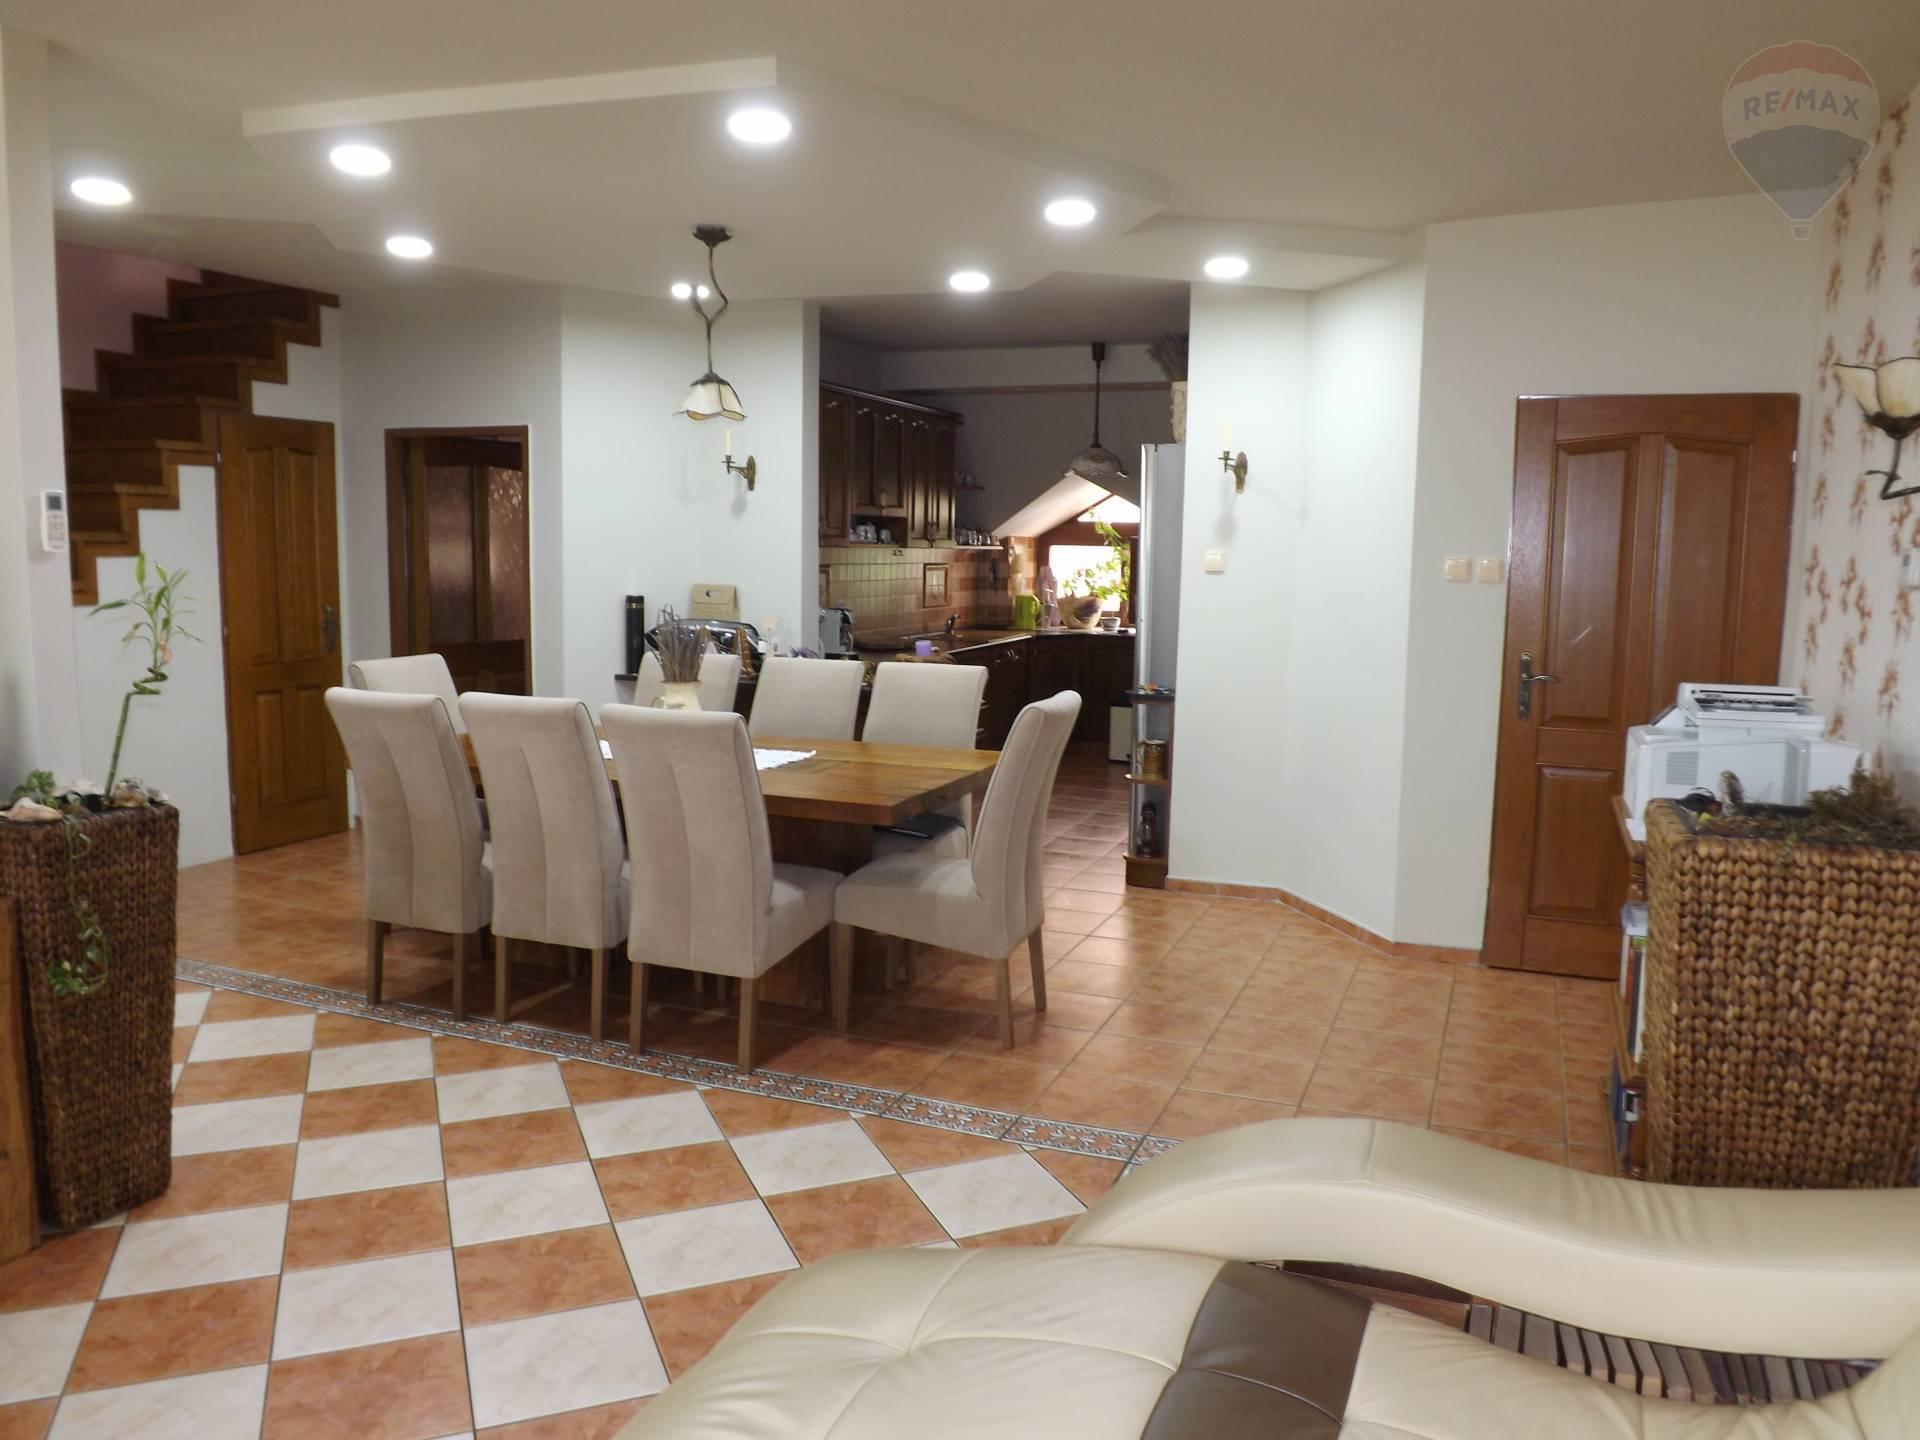 Na prenájom 3 izbový byt, 120 m2, parkovacie miesto, Veľký Meder